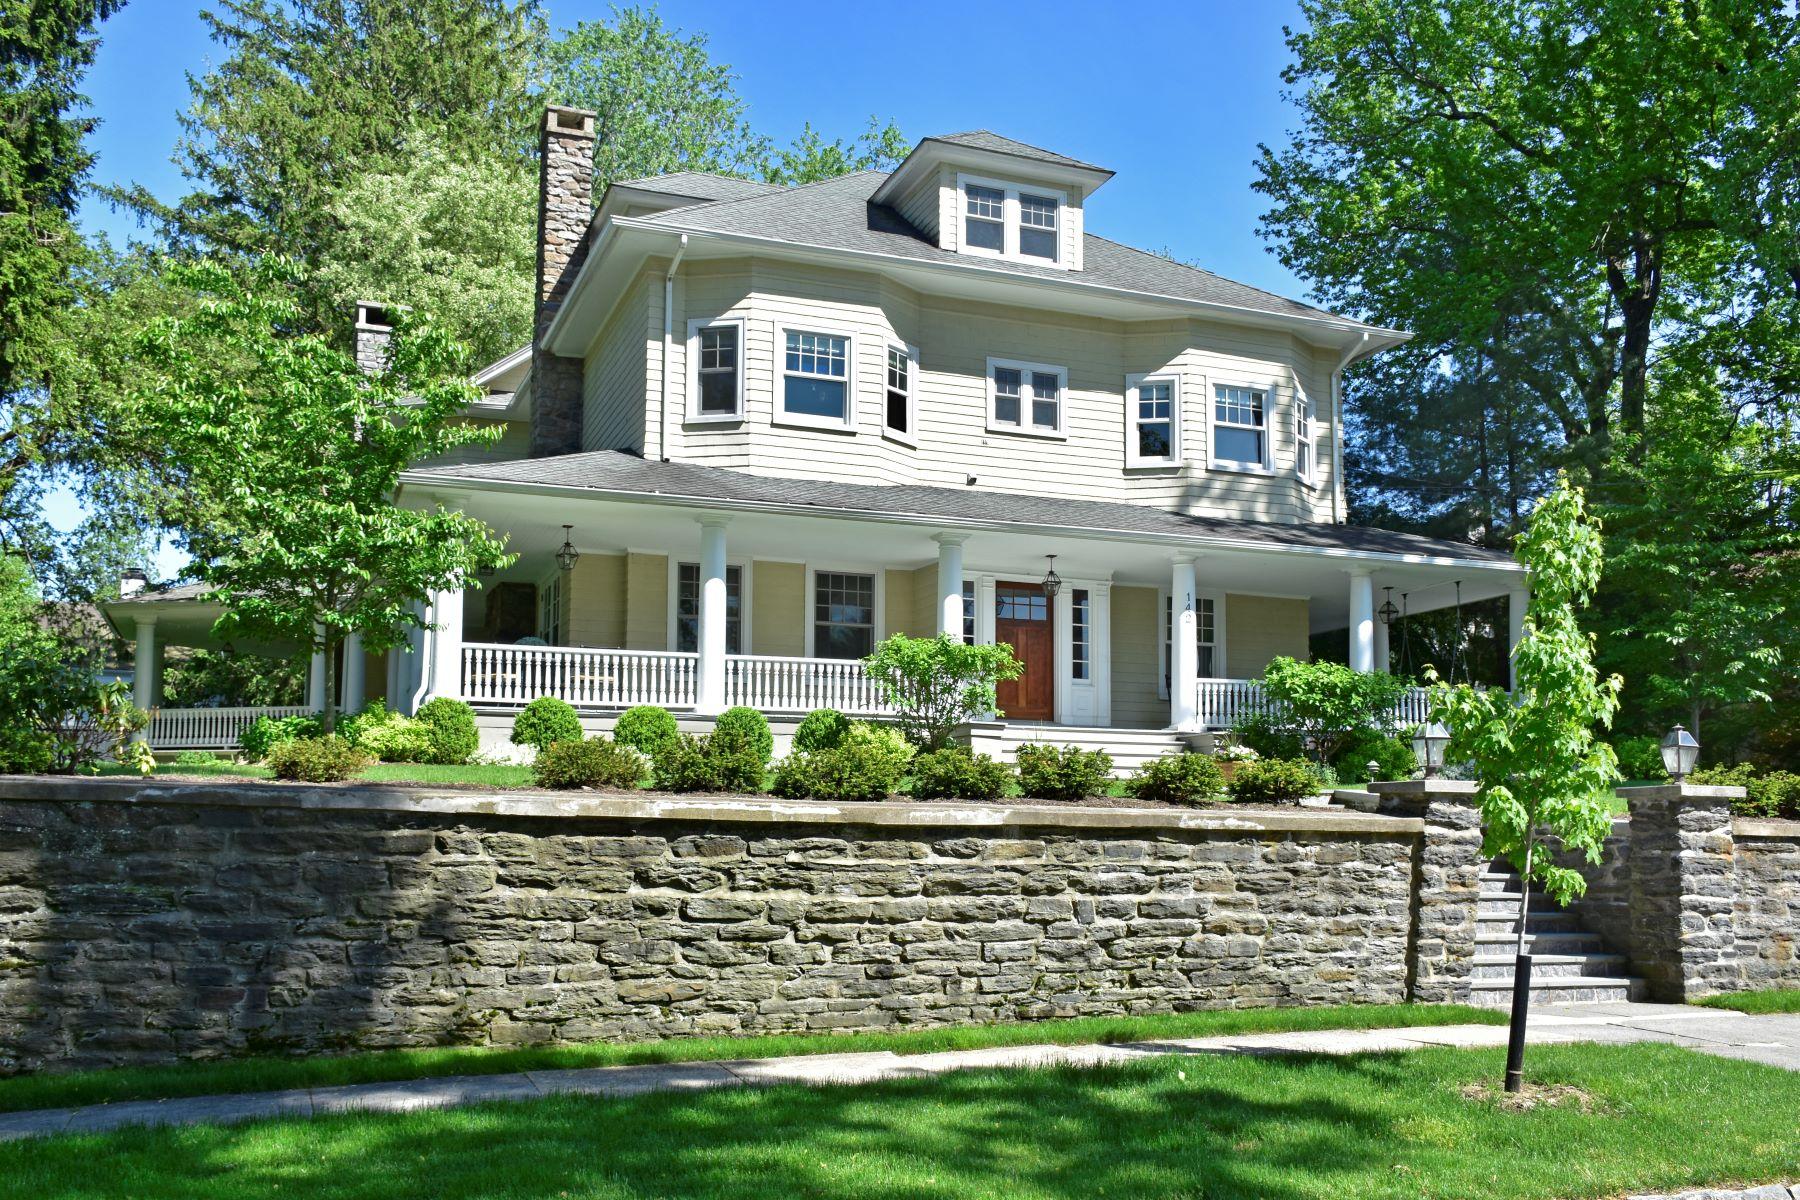 Casa Unifamiliar por un Venta en Pelham Heights Perfection 142 Monterey Avenue Pelham, Nueva York 10803 Estados Unidos